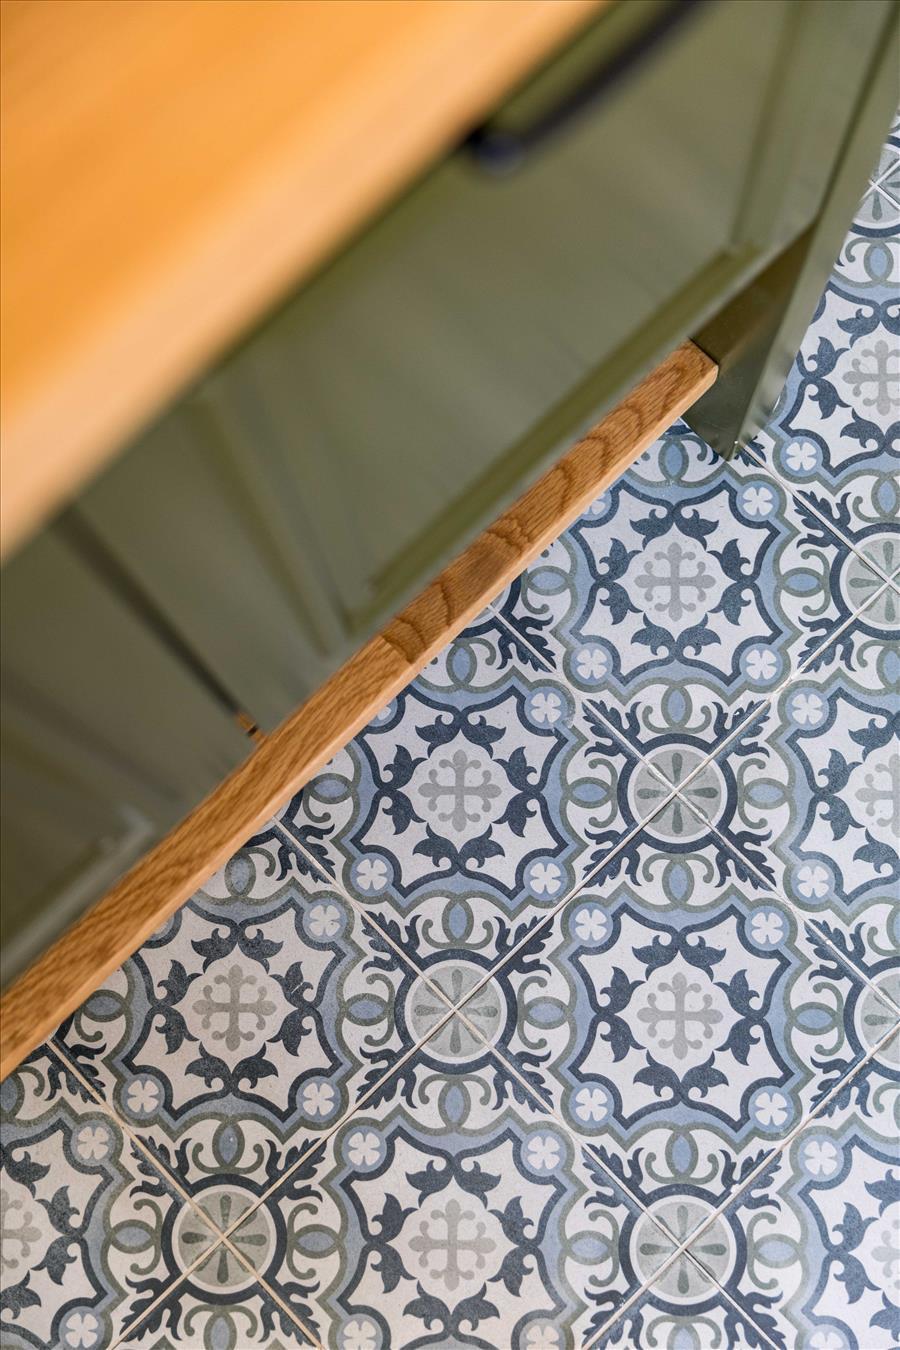 עיצוב לטיסיה שינקמן | צילום אורית ארנון